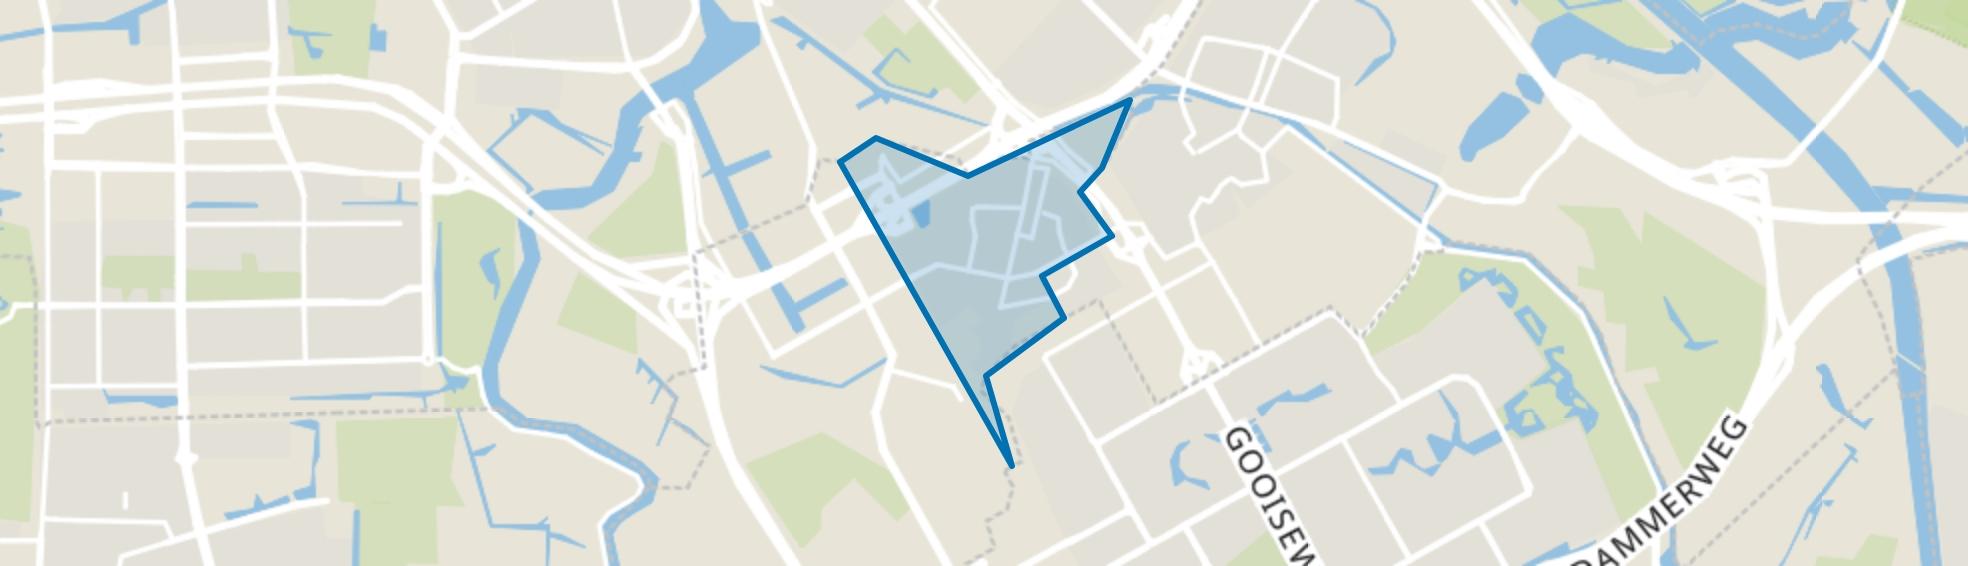 Duivendrecht, Duivendrecht map